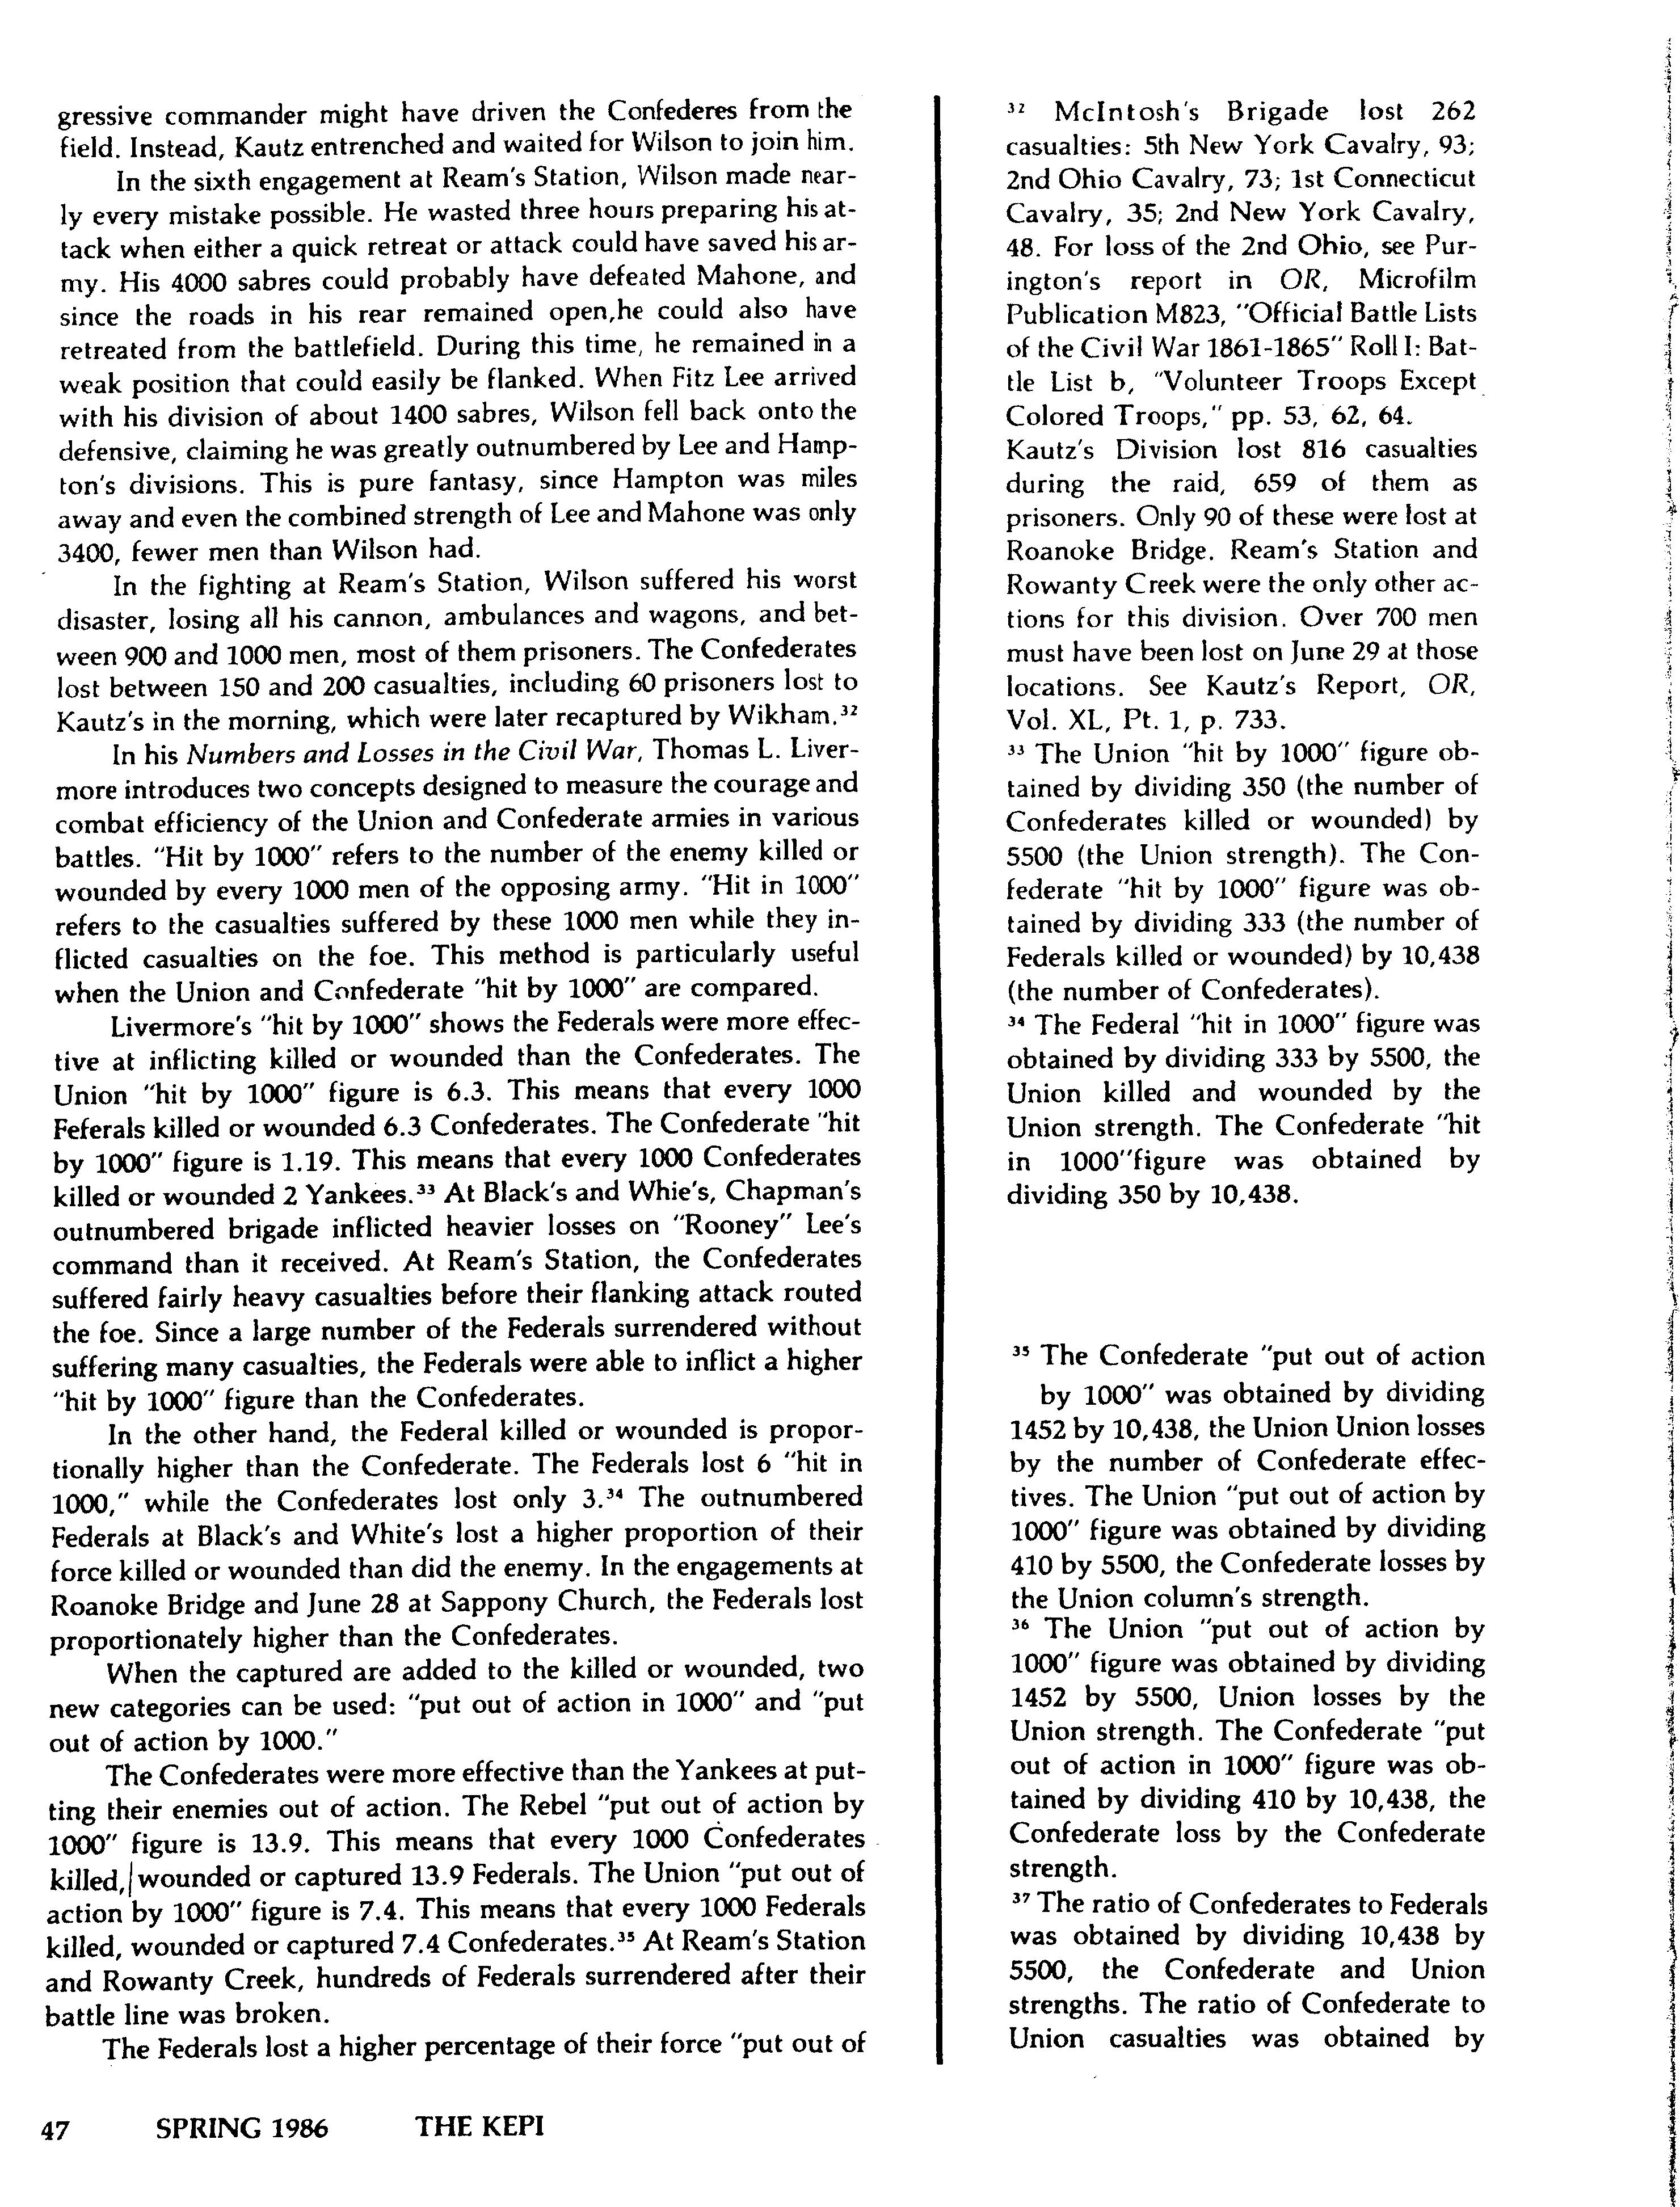 KepiV4N1Spring1986 WilsonKautzConfCas Pg47